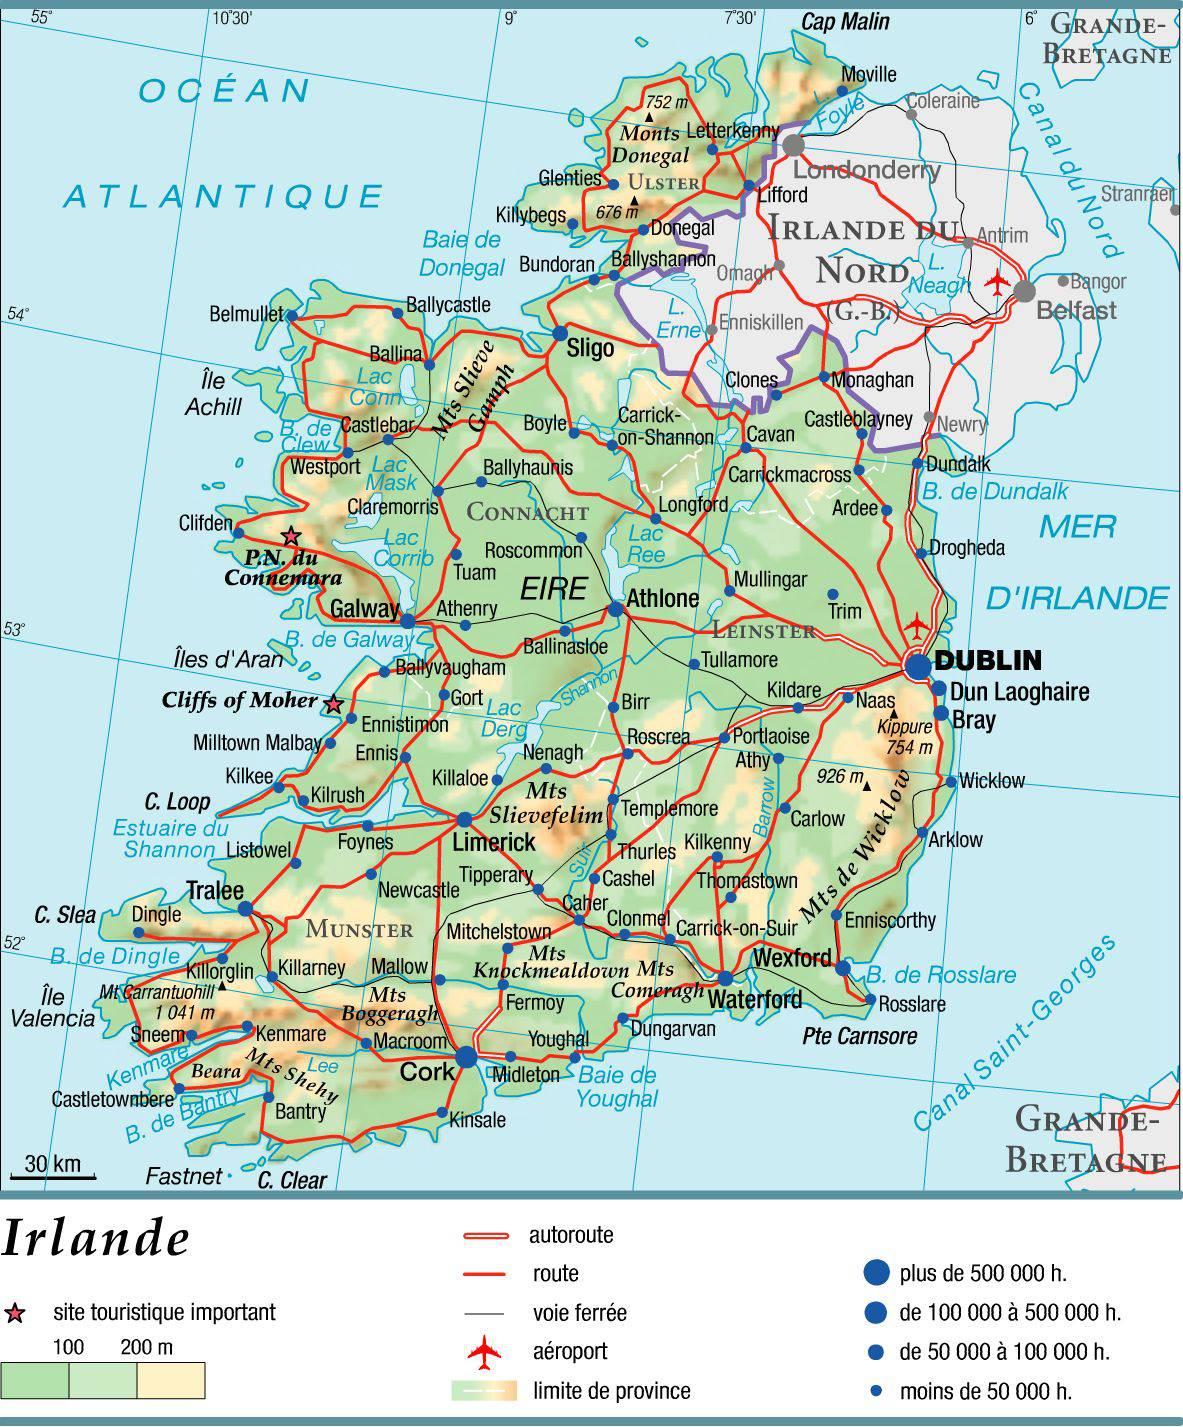 Carte de l'Irlande   Carte routière, relief, climat, tourisme